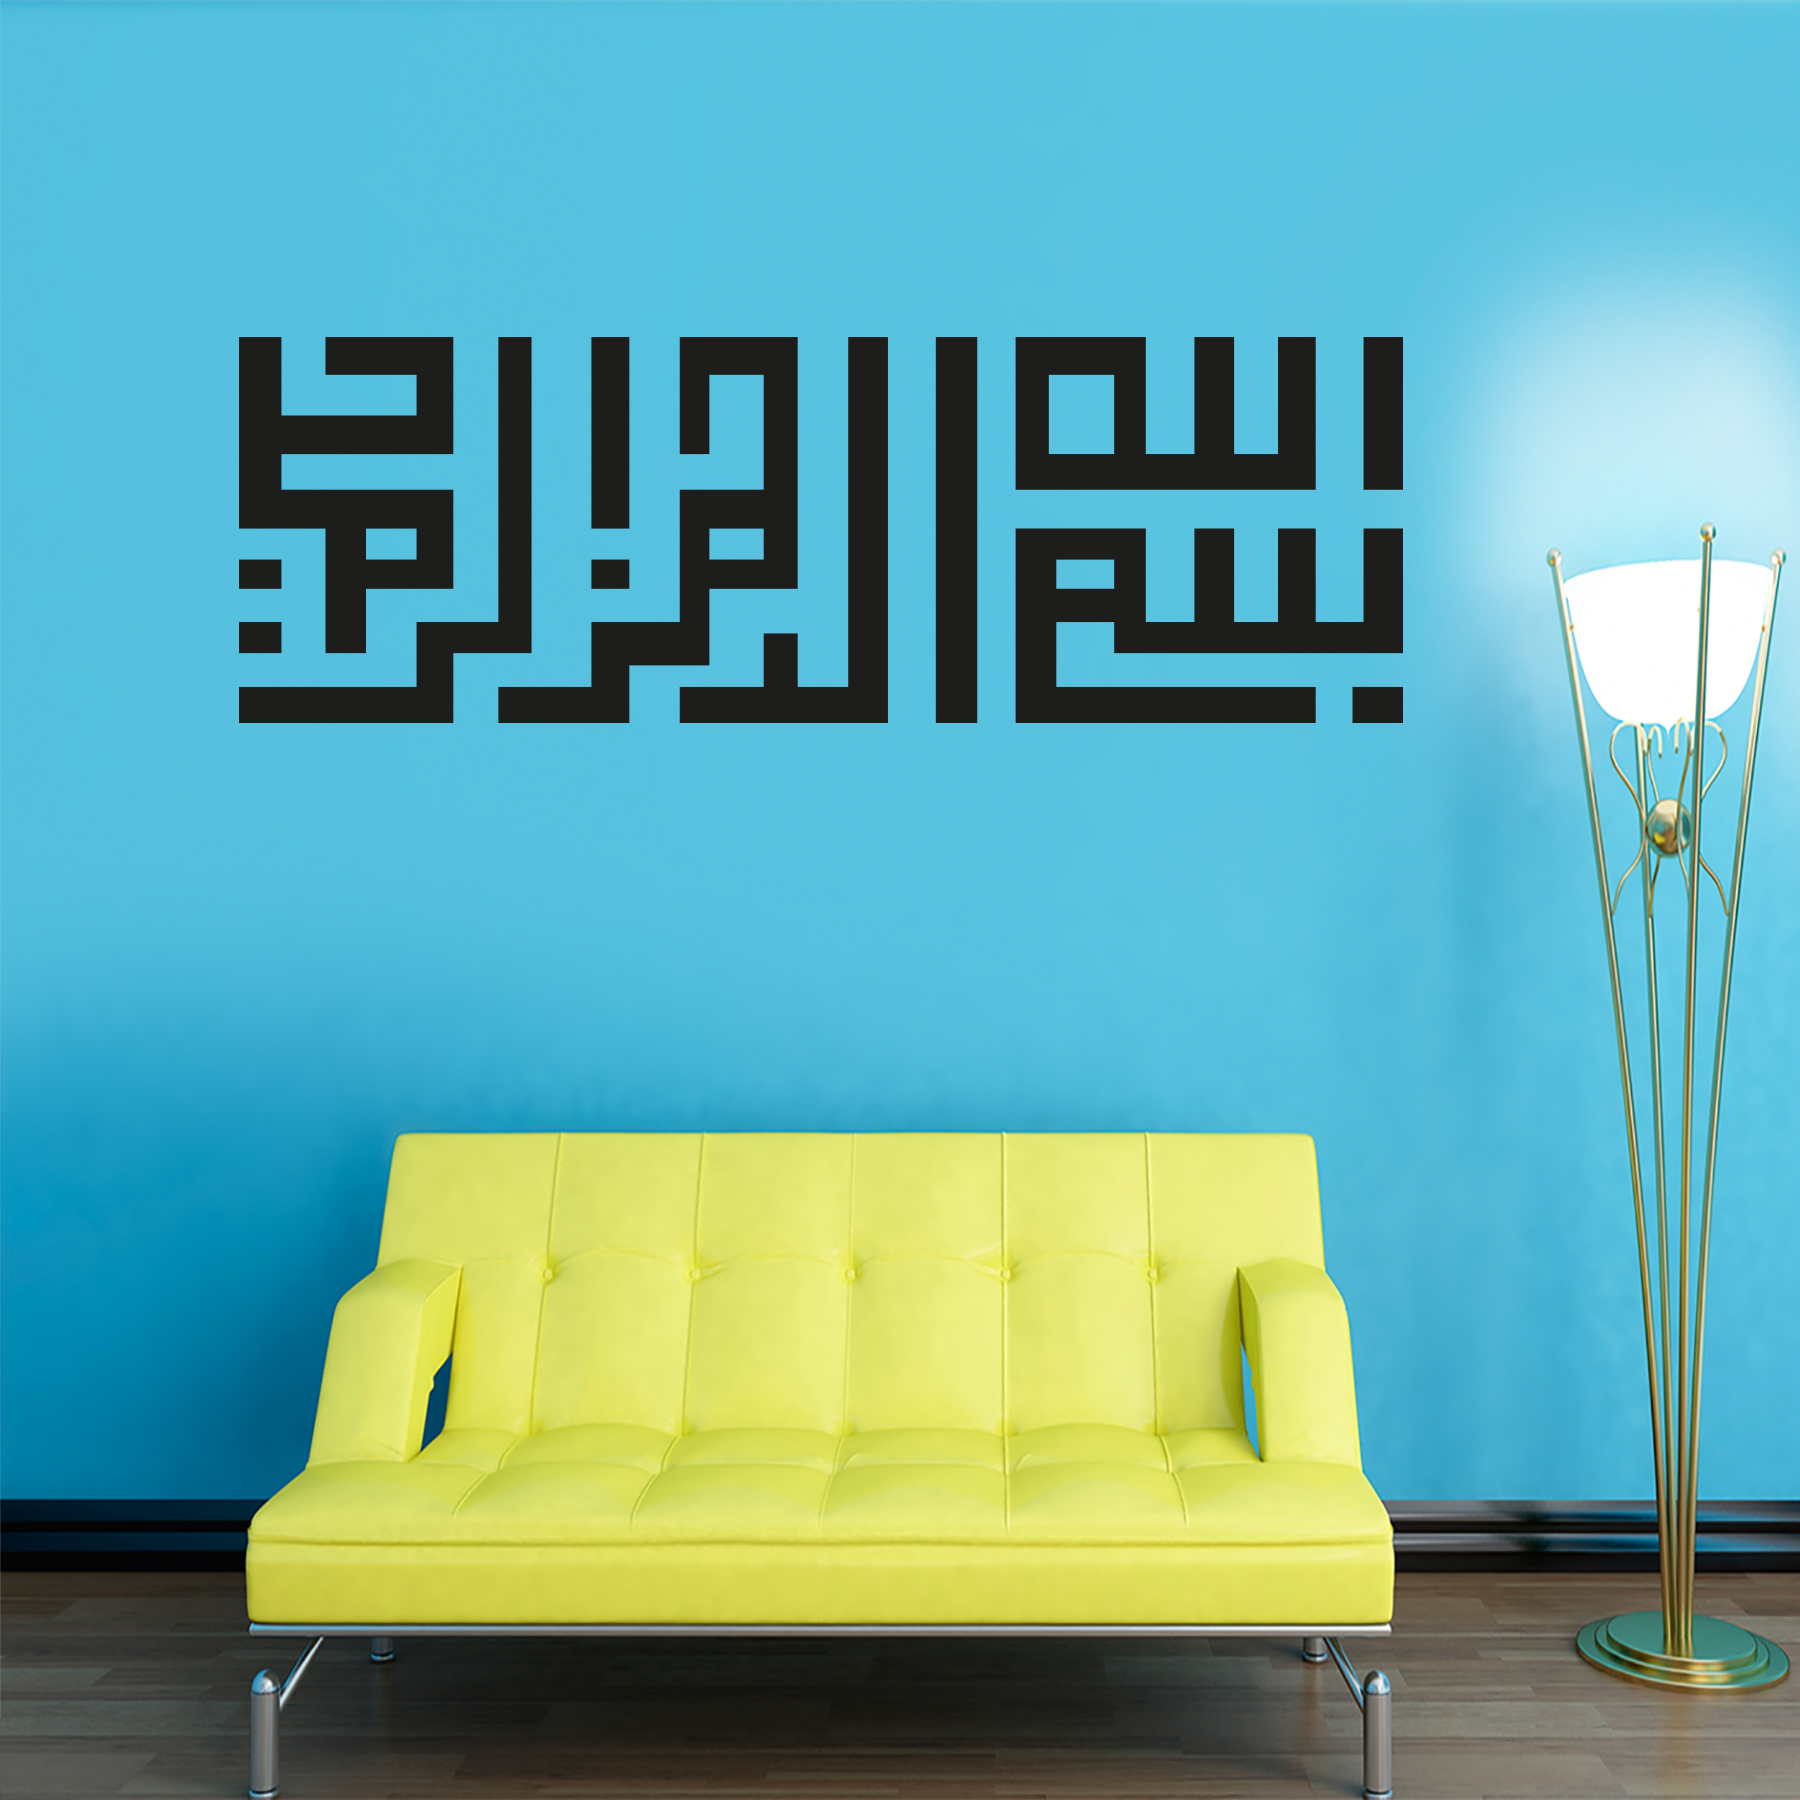 Entzückend Wandtattos Referenz Von Bismillahirrahmanirrahim Wandtattoo Bismillah Besmele Wandaufkleber | Islamische